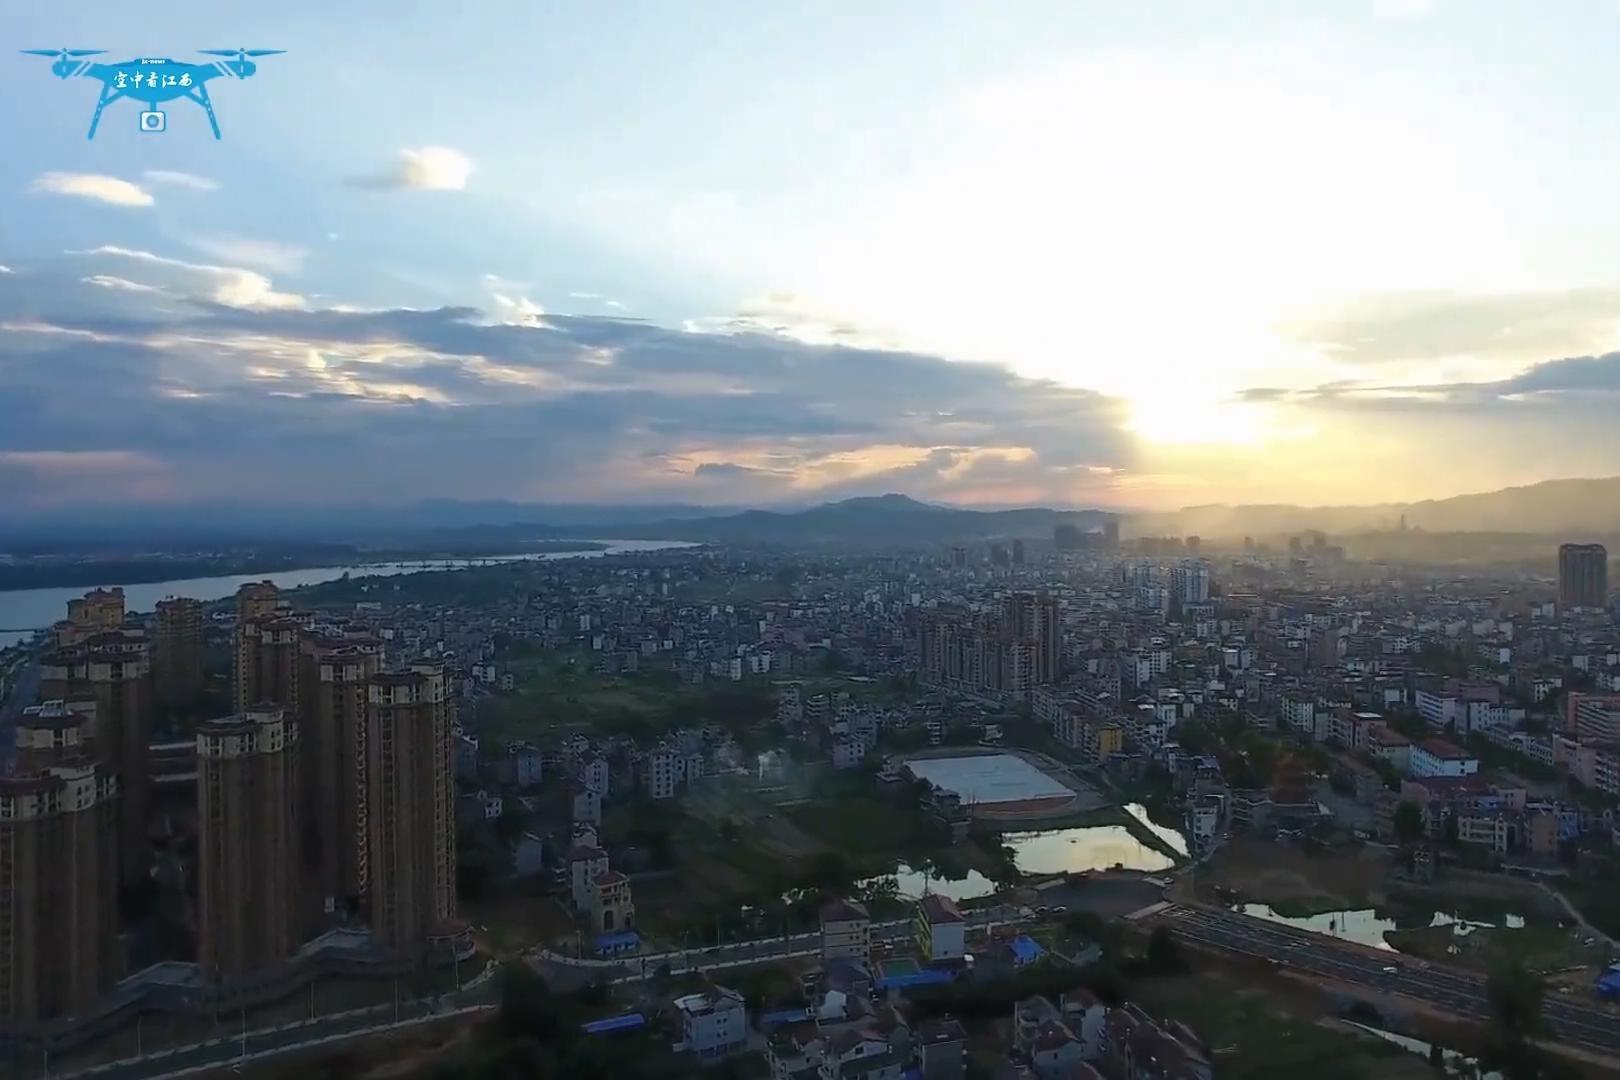 江西泰和县城面貌日新月异